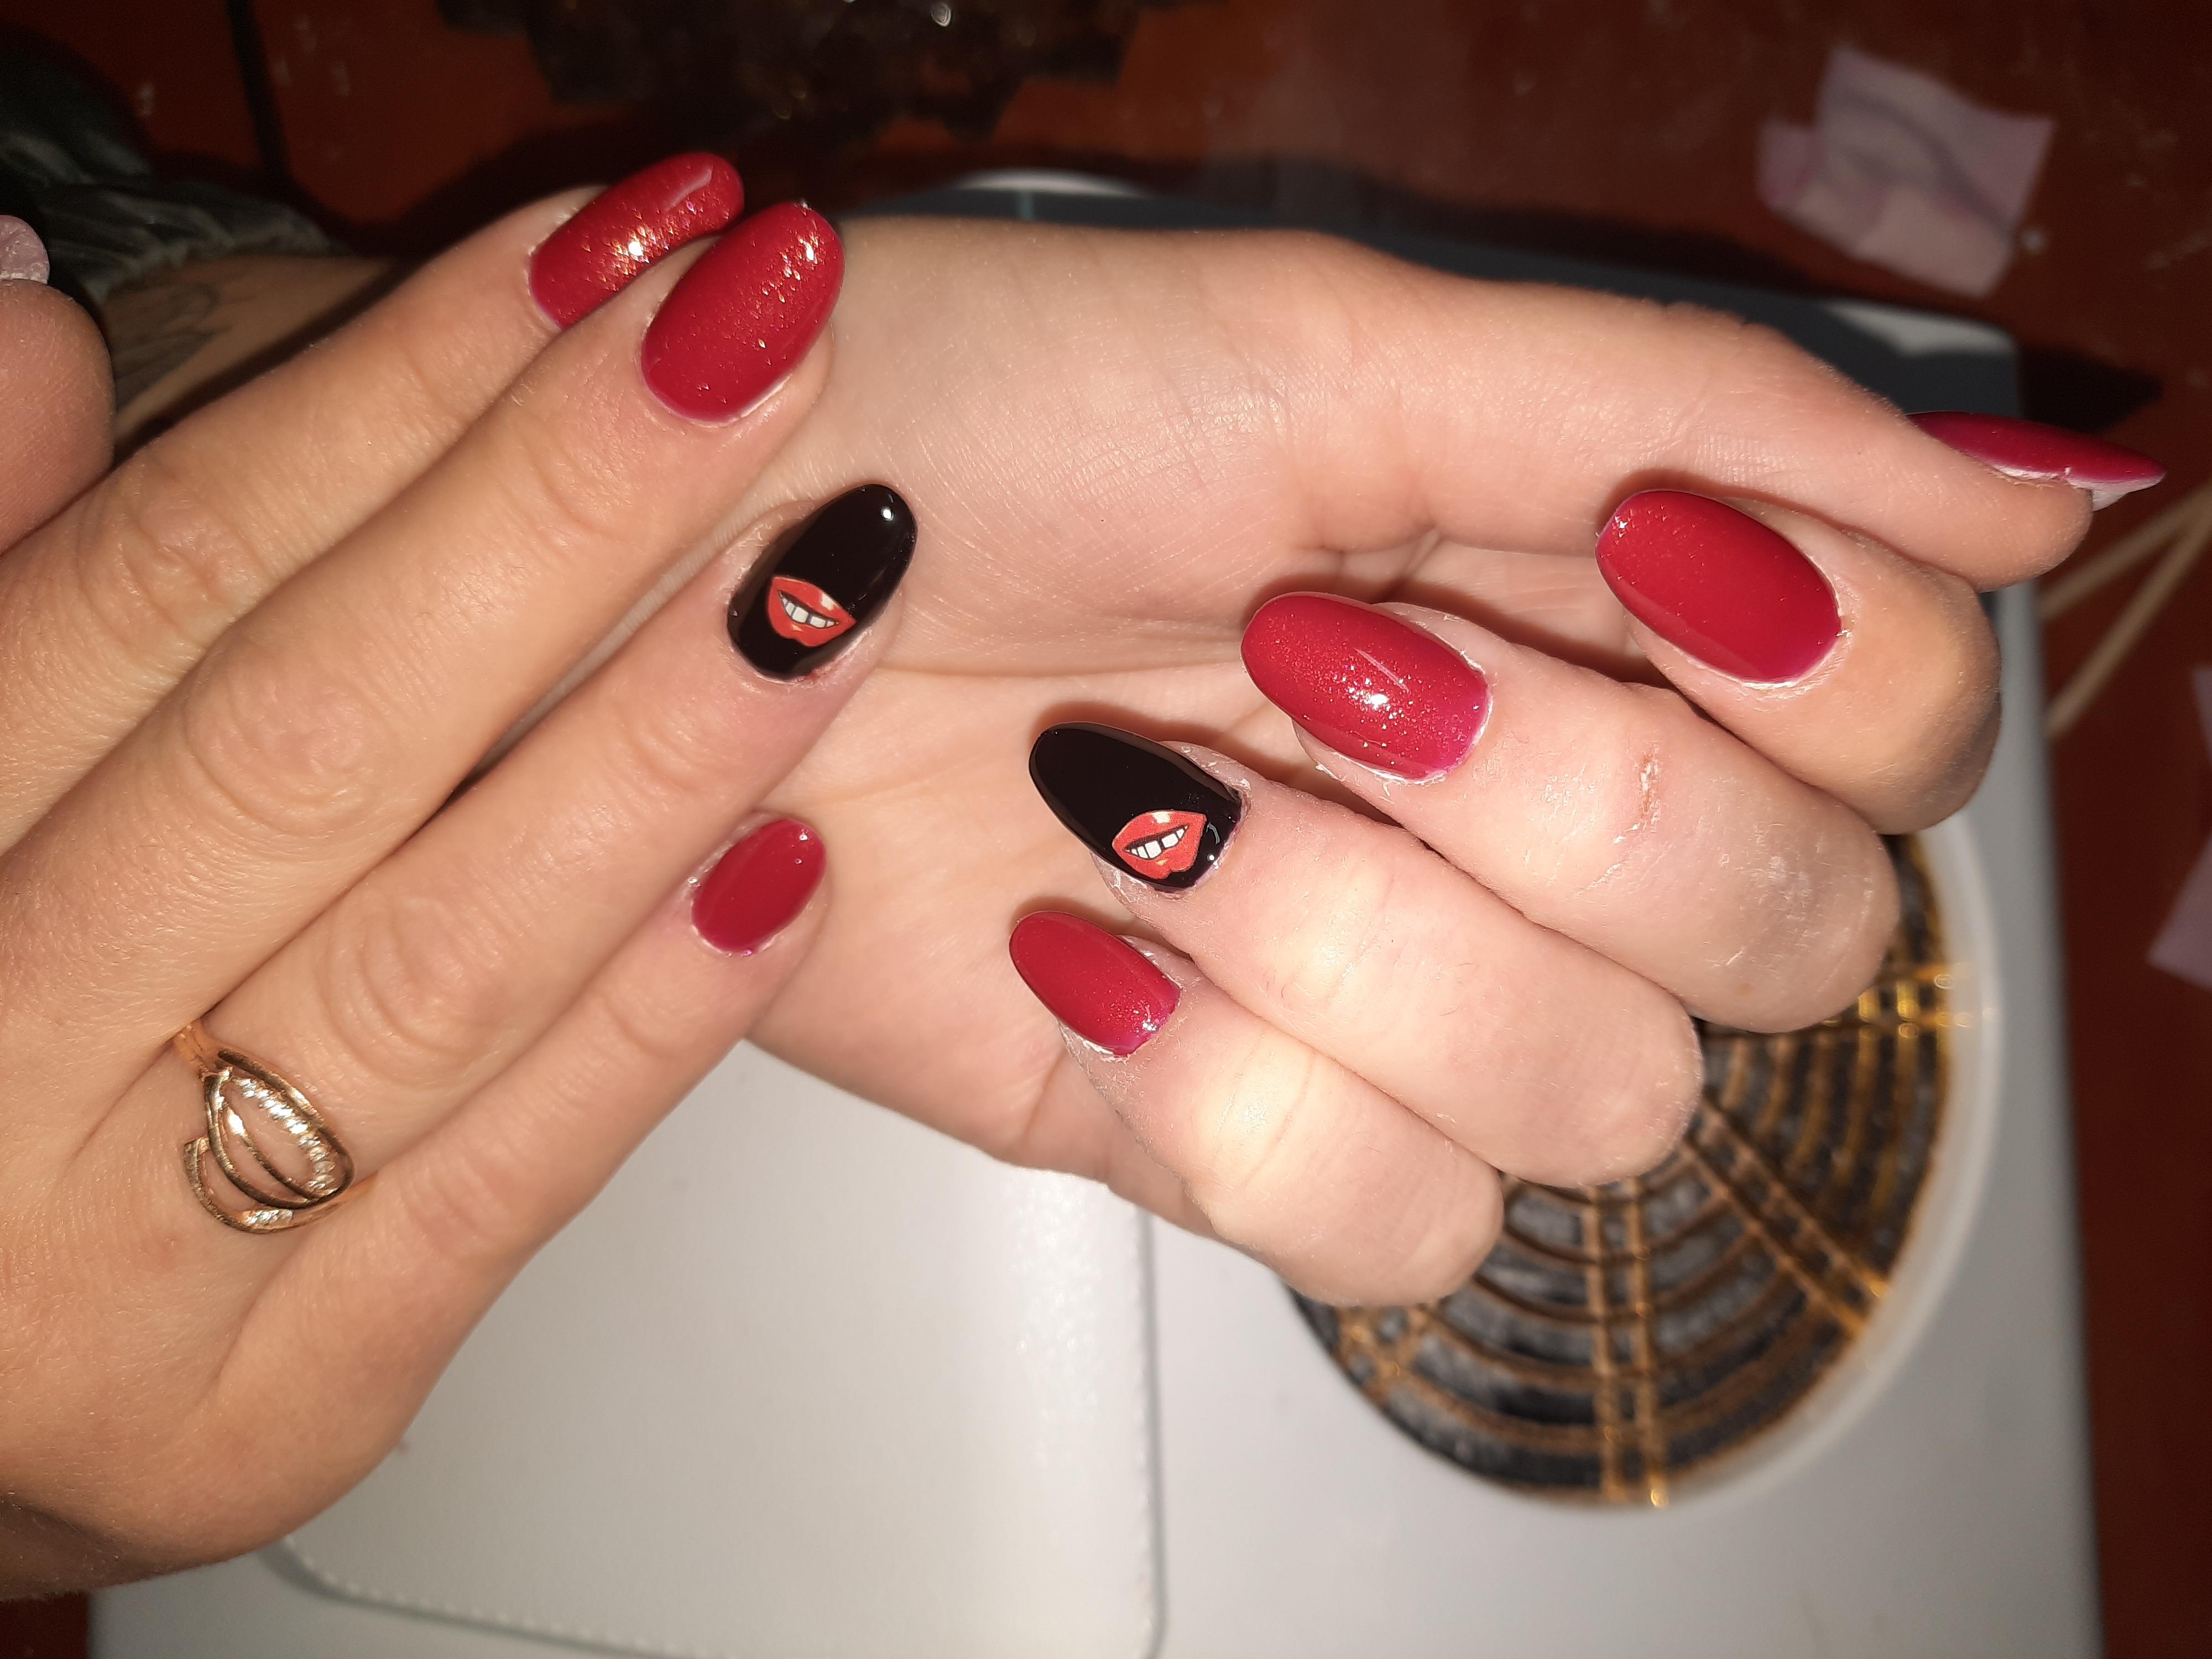 Маникюр со слайдерами и блестками в бордовом цвете на короткие ногти.